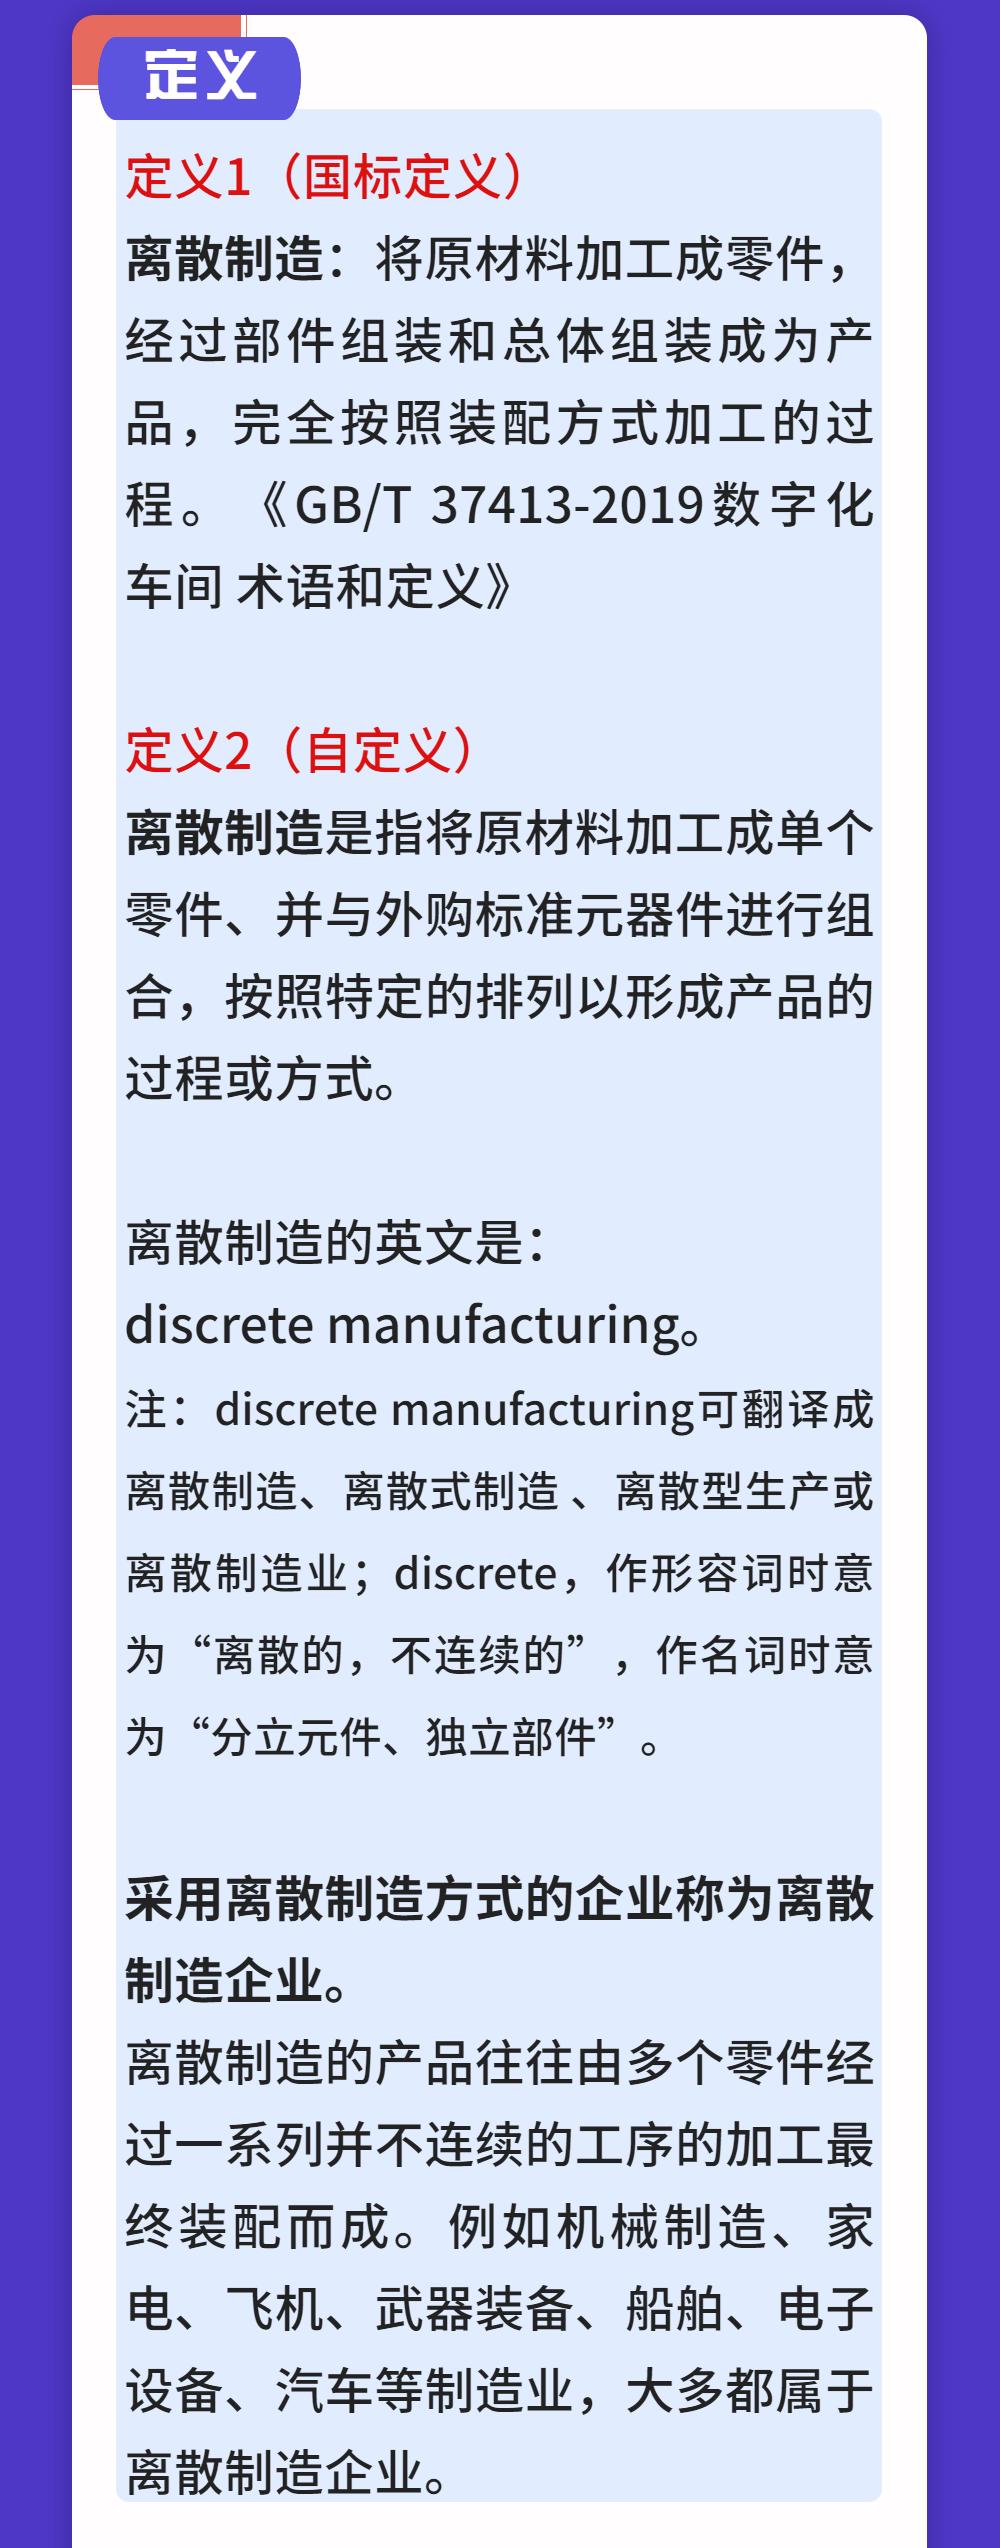 什么是离散制造和离散制造企业? ——通泽2025解读之十八